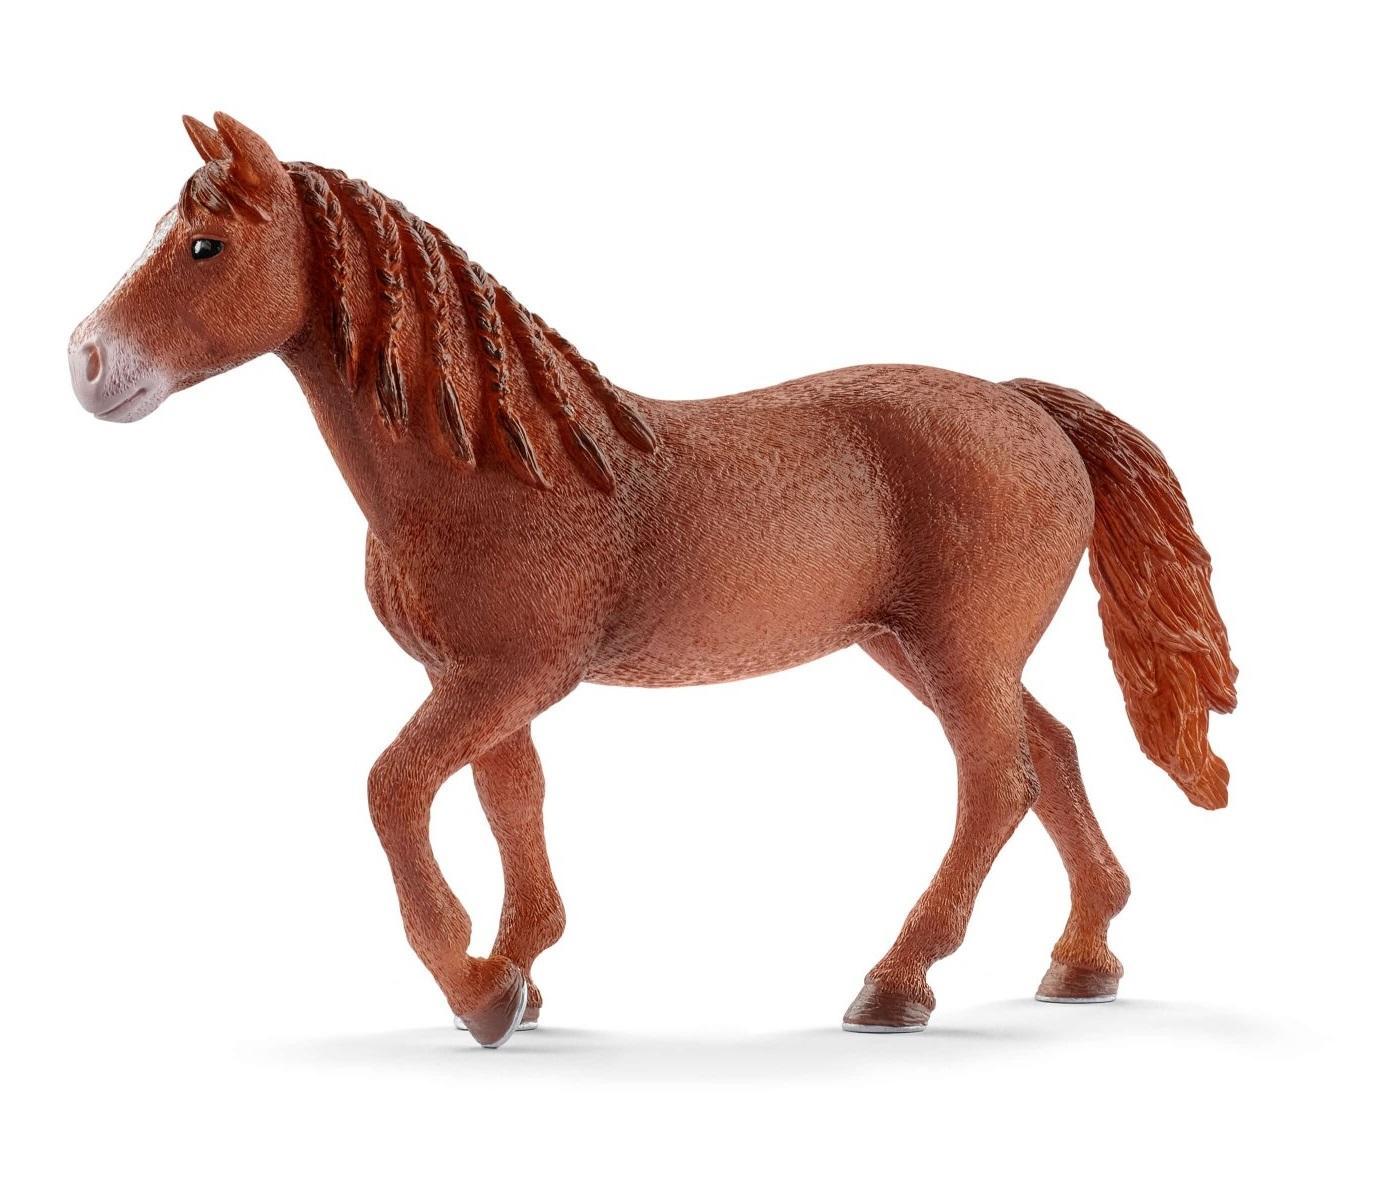 SCHLEICH GIUMENTA MORGAN HORSE 13870